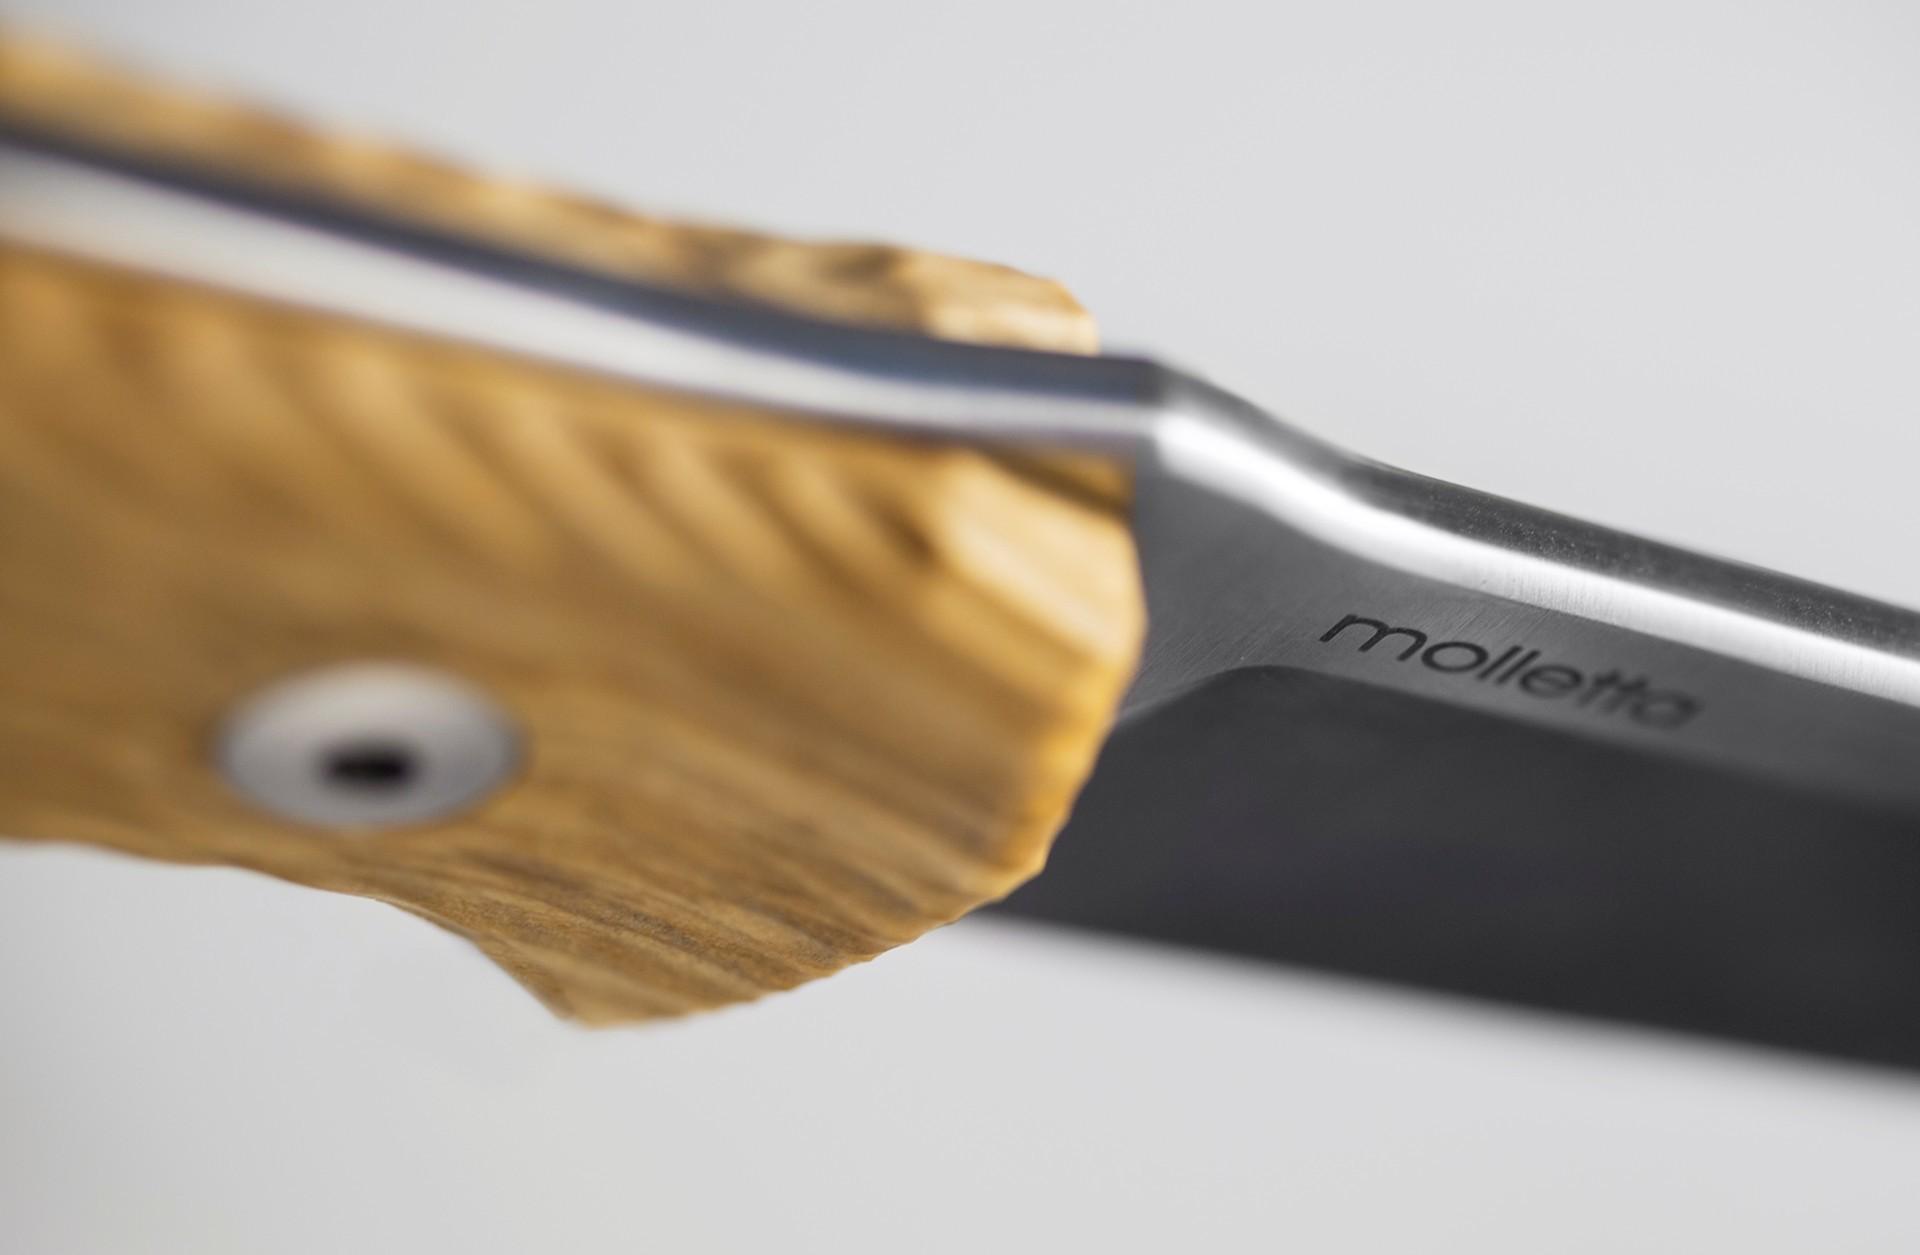 Фото 5 - Нож Lionsteel M5 UL, сталь Sleipner, рукоять оливковое дерево от Lion Steel